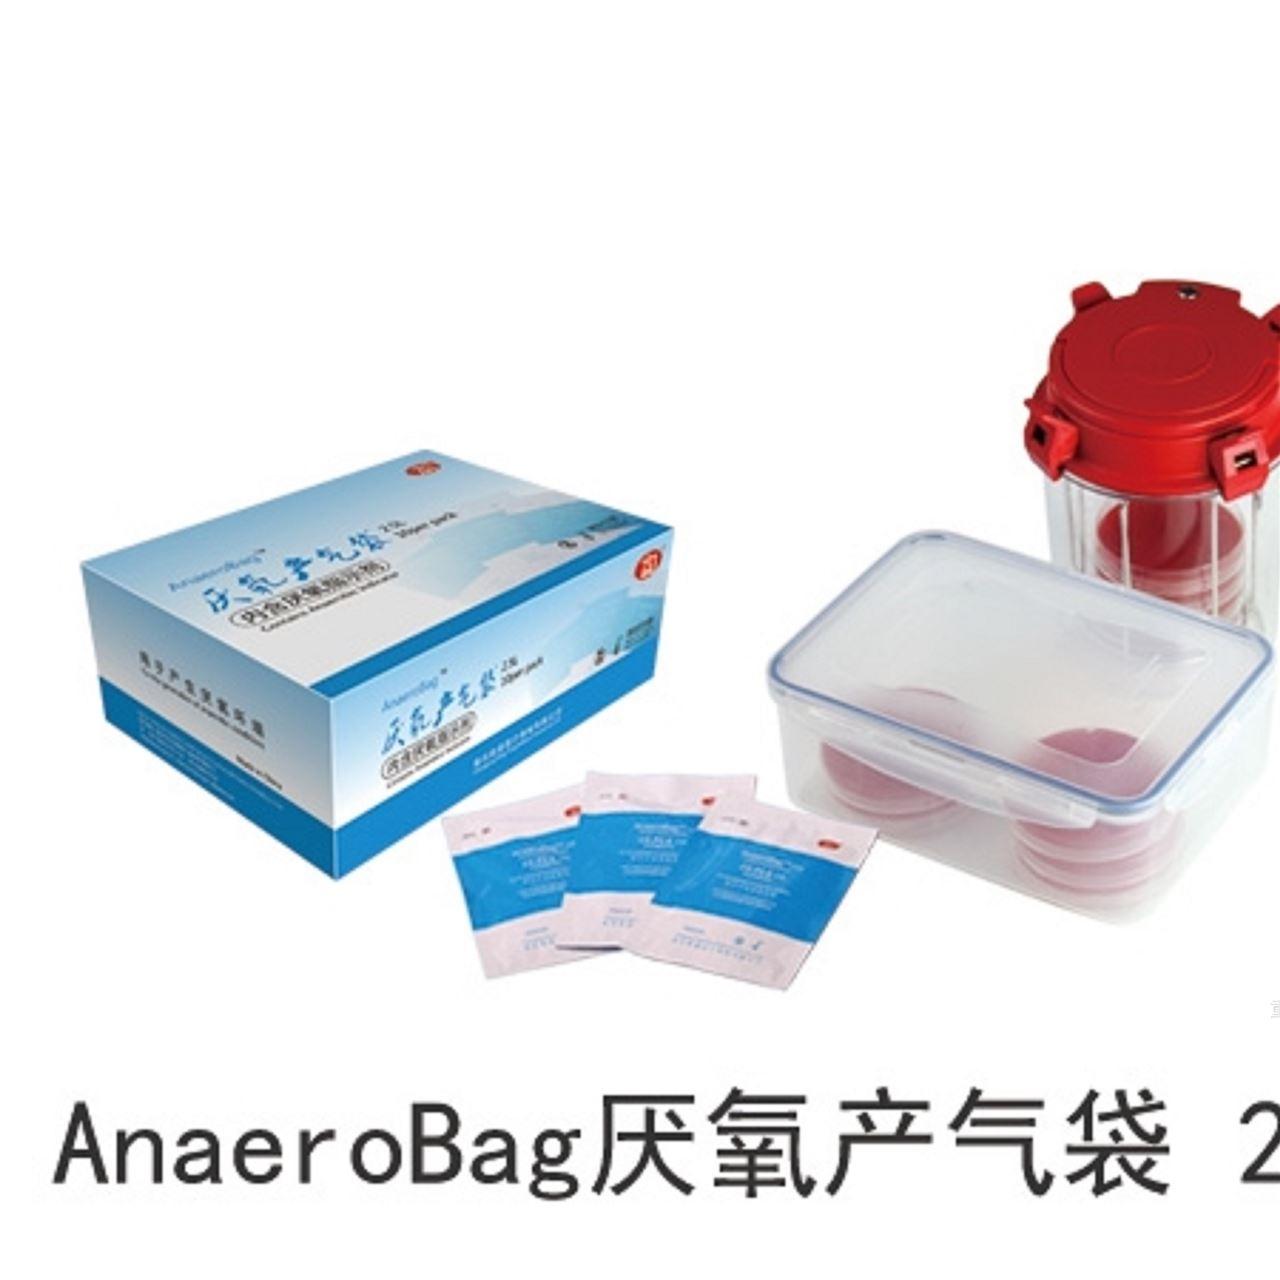 厌氧微需氧培养系统的特点